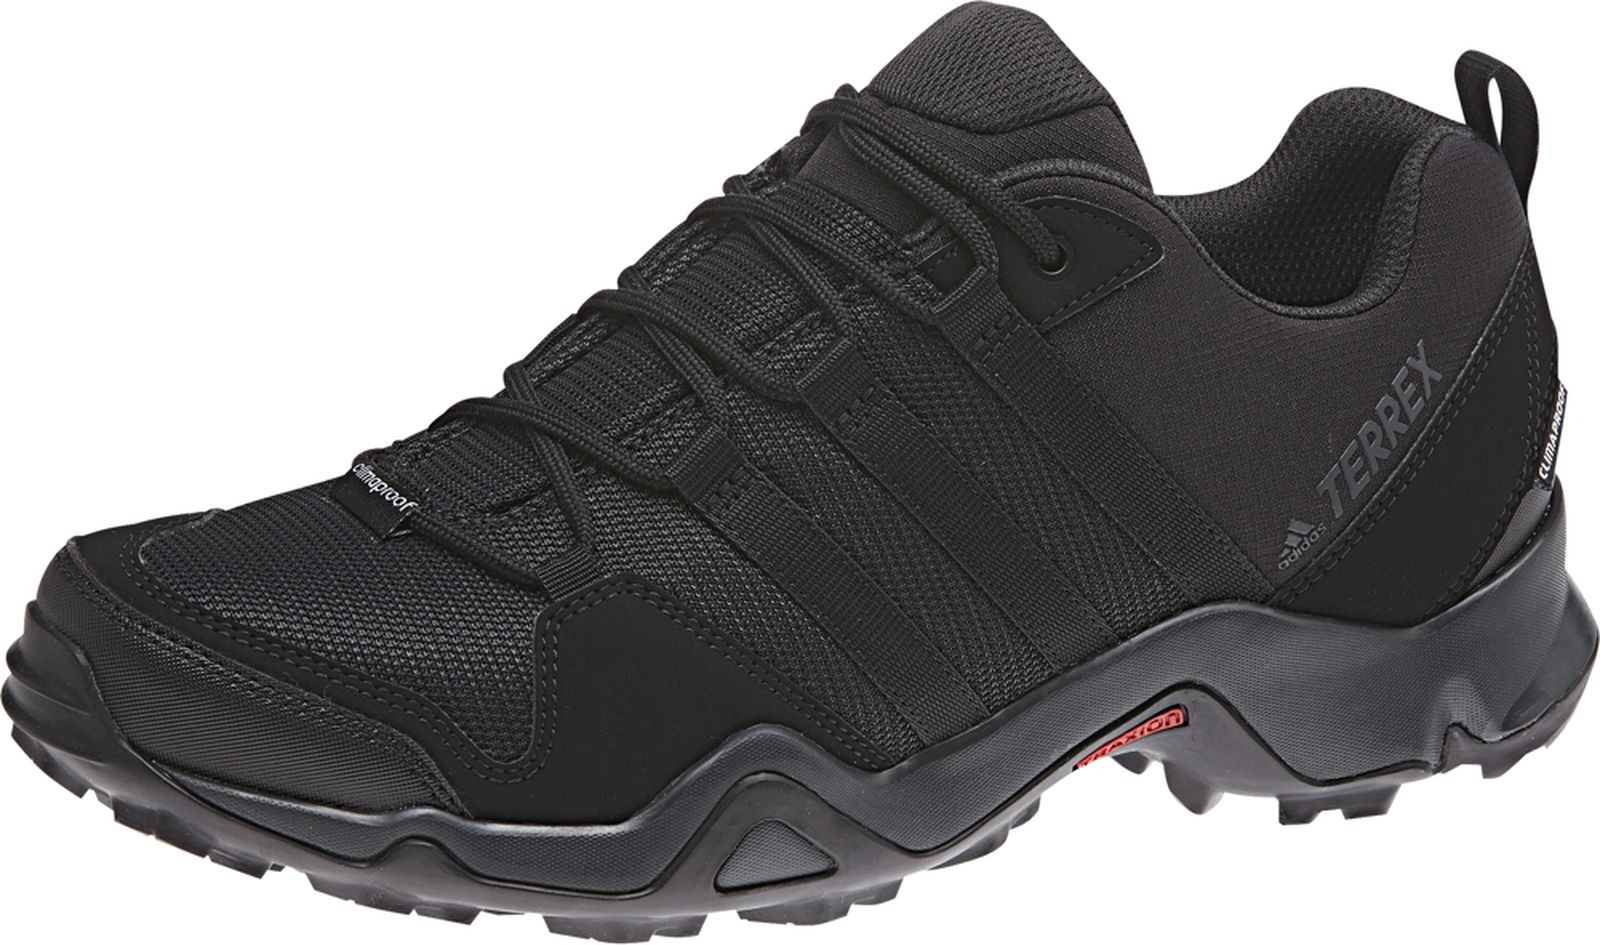 Кроссовки adidas Terrex Ax2 Cp кроссовки мужские adidas terrex tracerocker цвет серый черный cm7596 размер 12 46